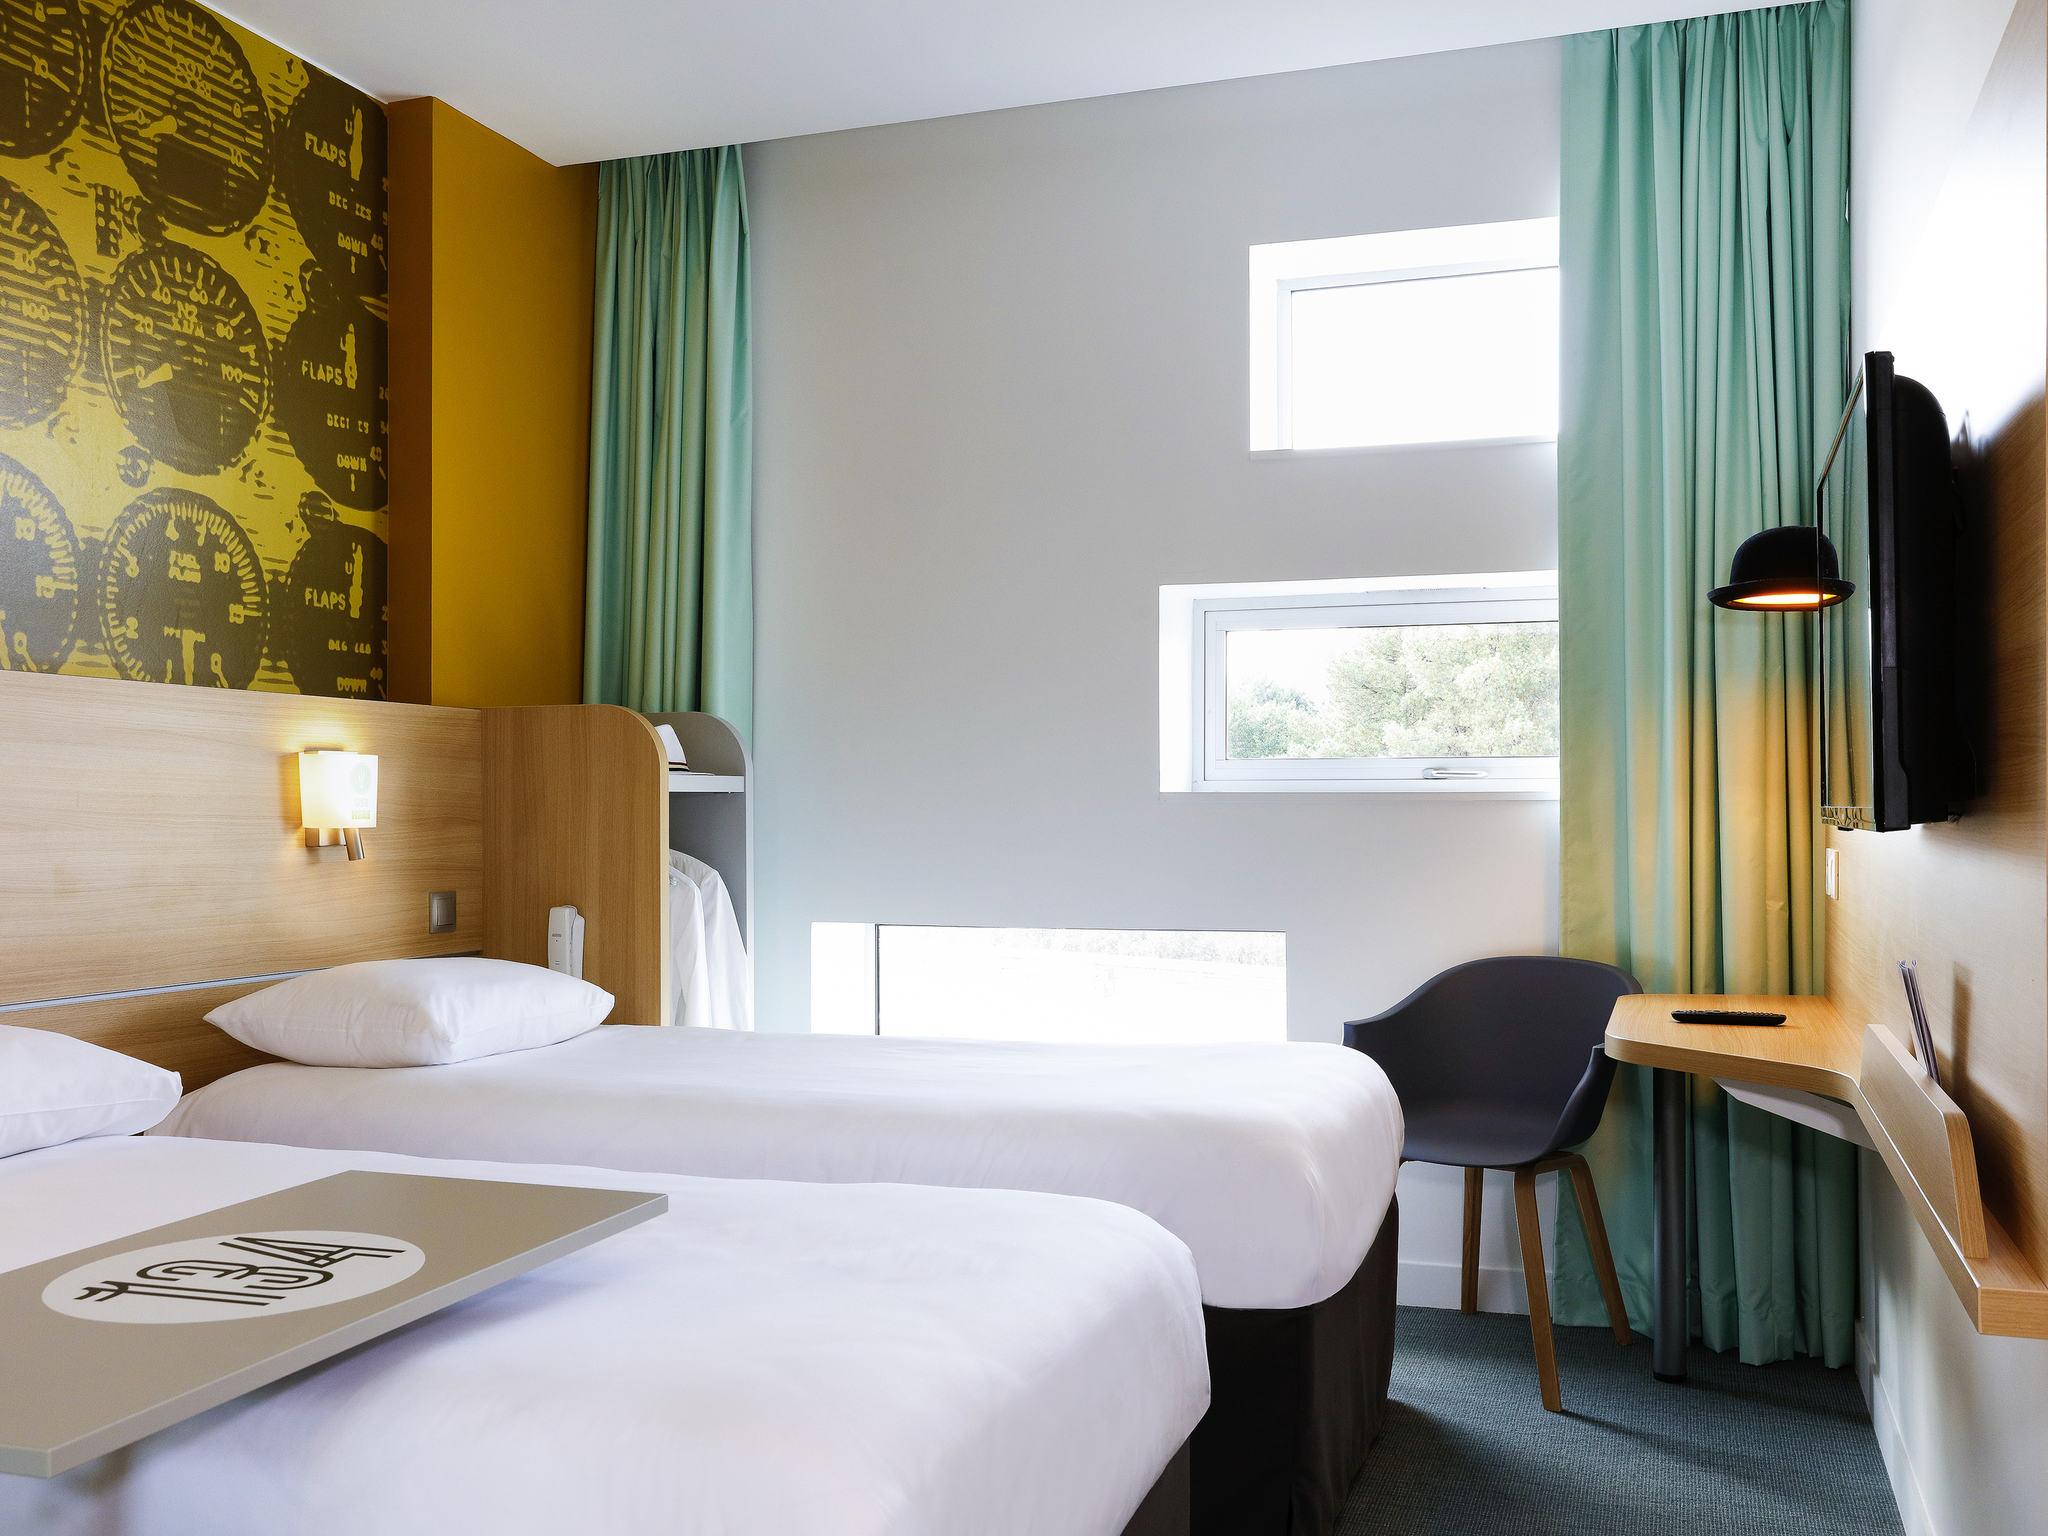 Hotel Ibis Mulsanne